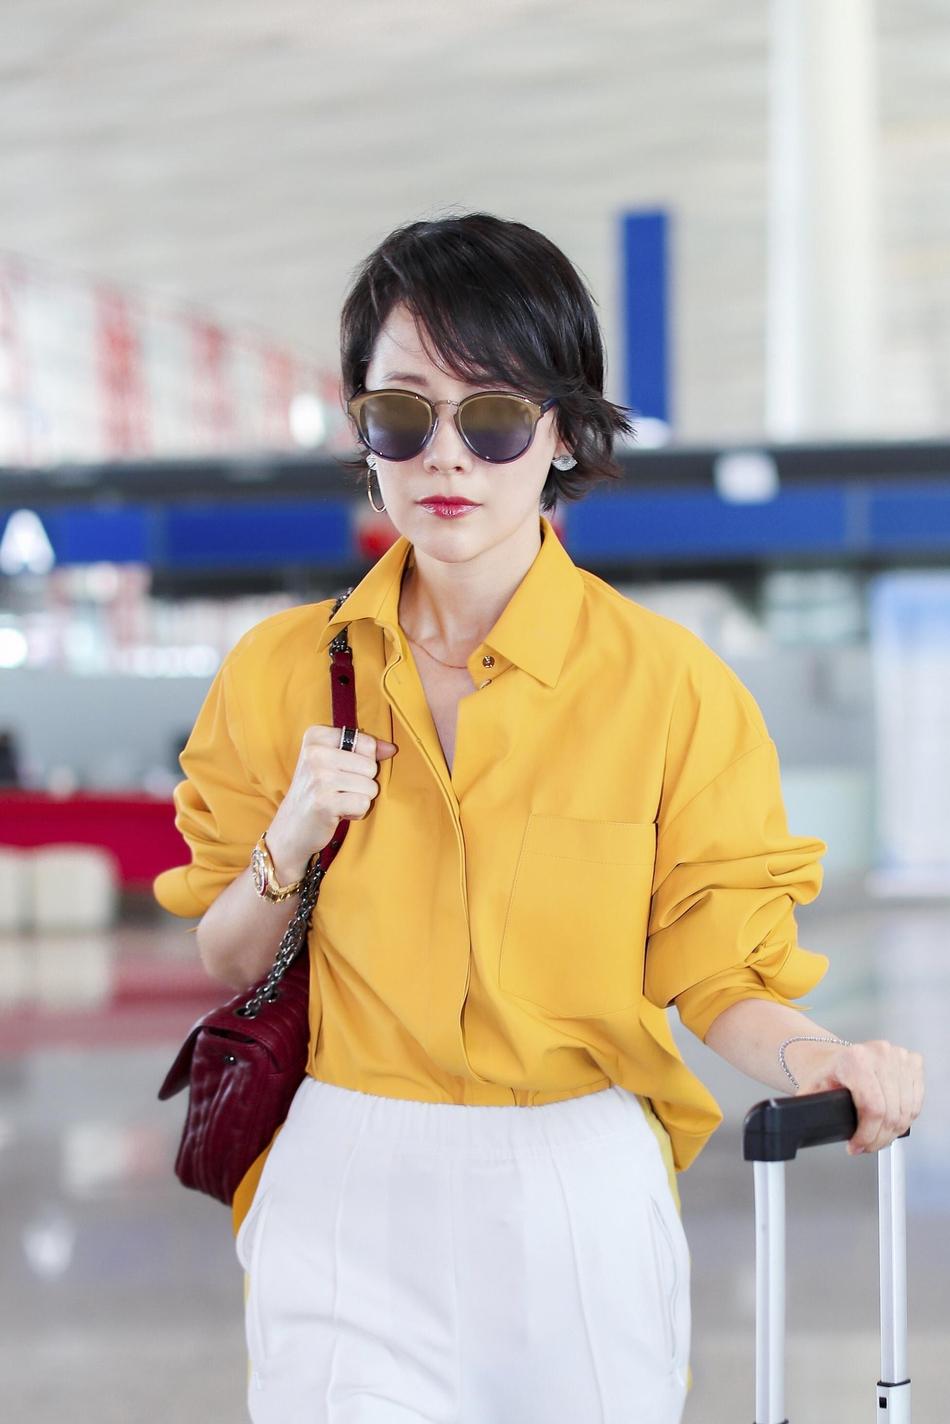 海清现身机场 琉璃黄套装尽显率性优雅